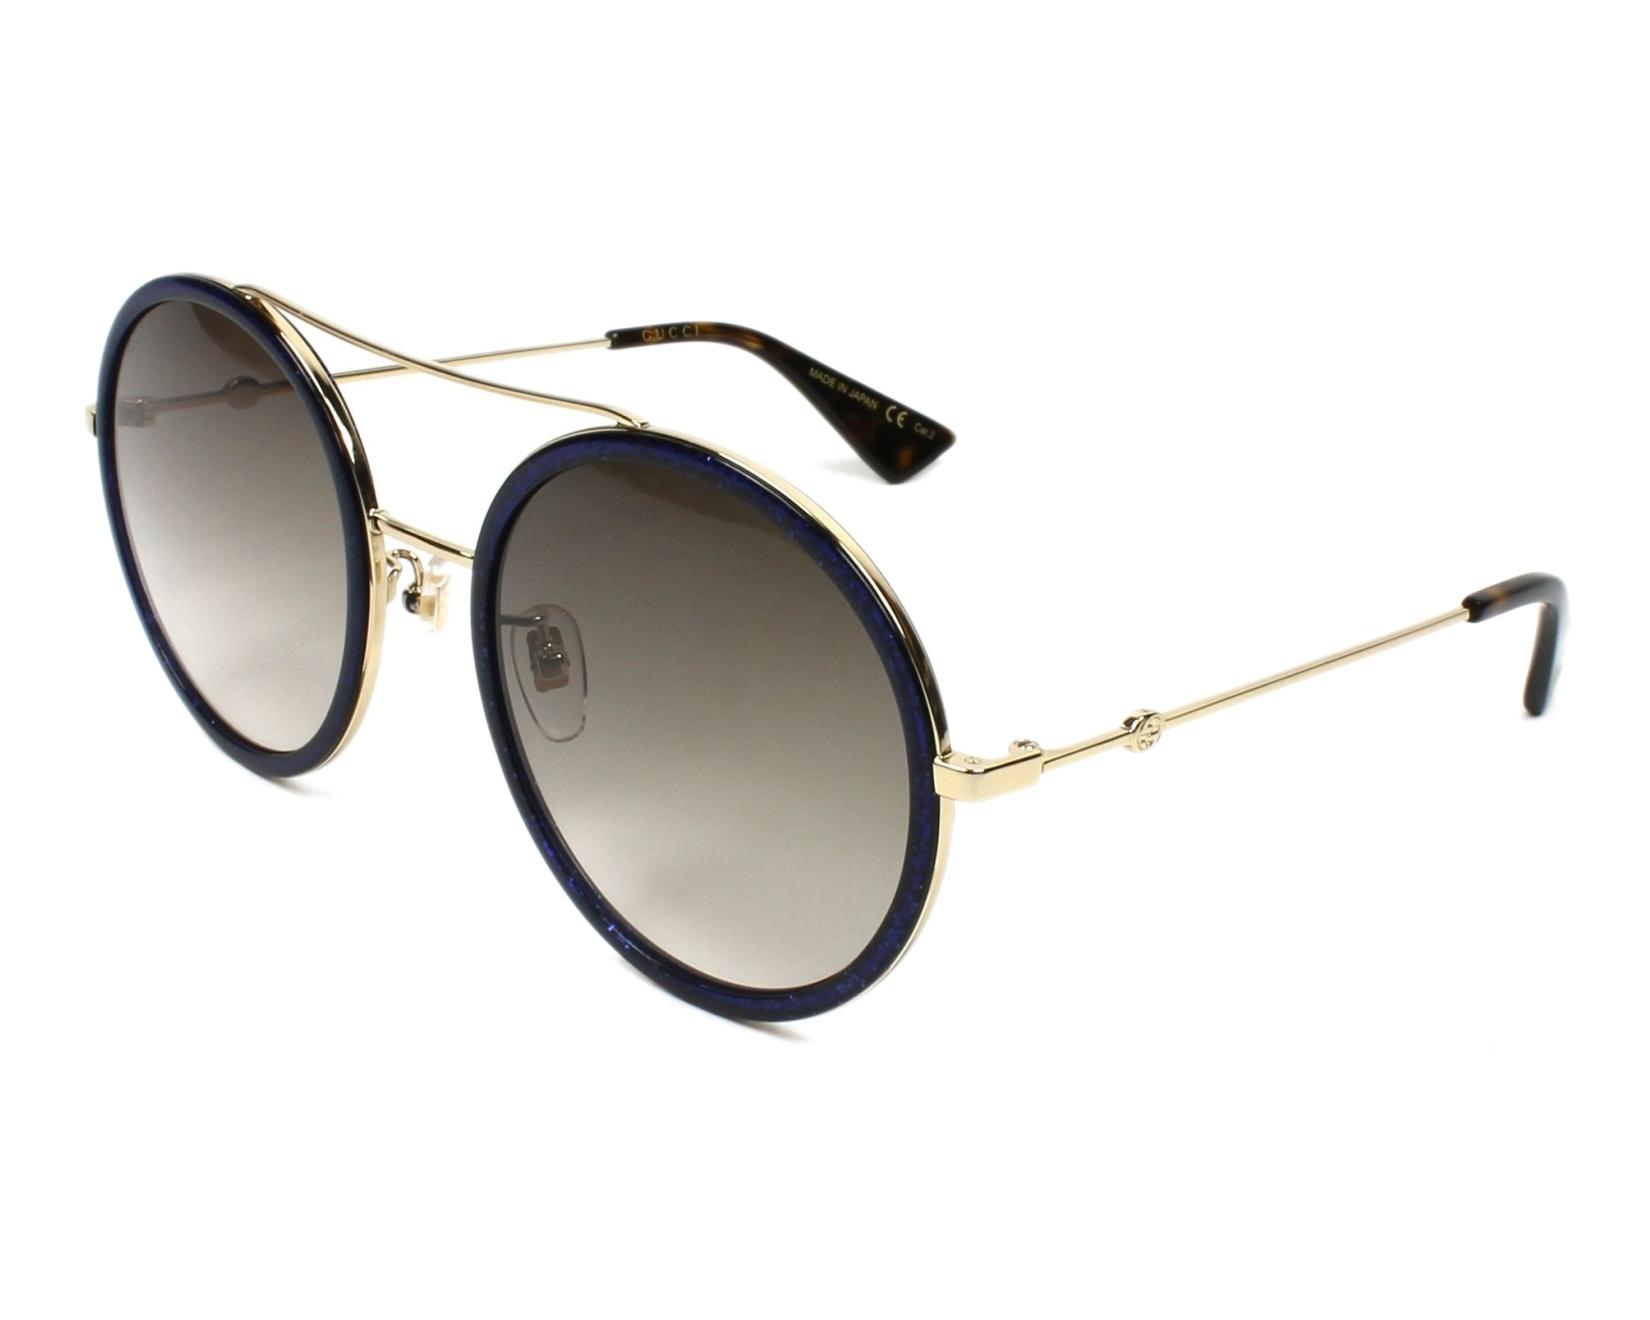 a68723163bb Lunettes de soleil Gucci GG-0061-S 005 - Bleu Or vue de profil